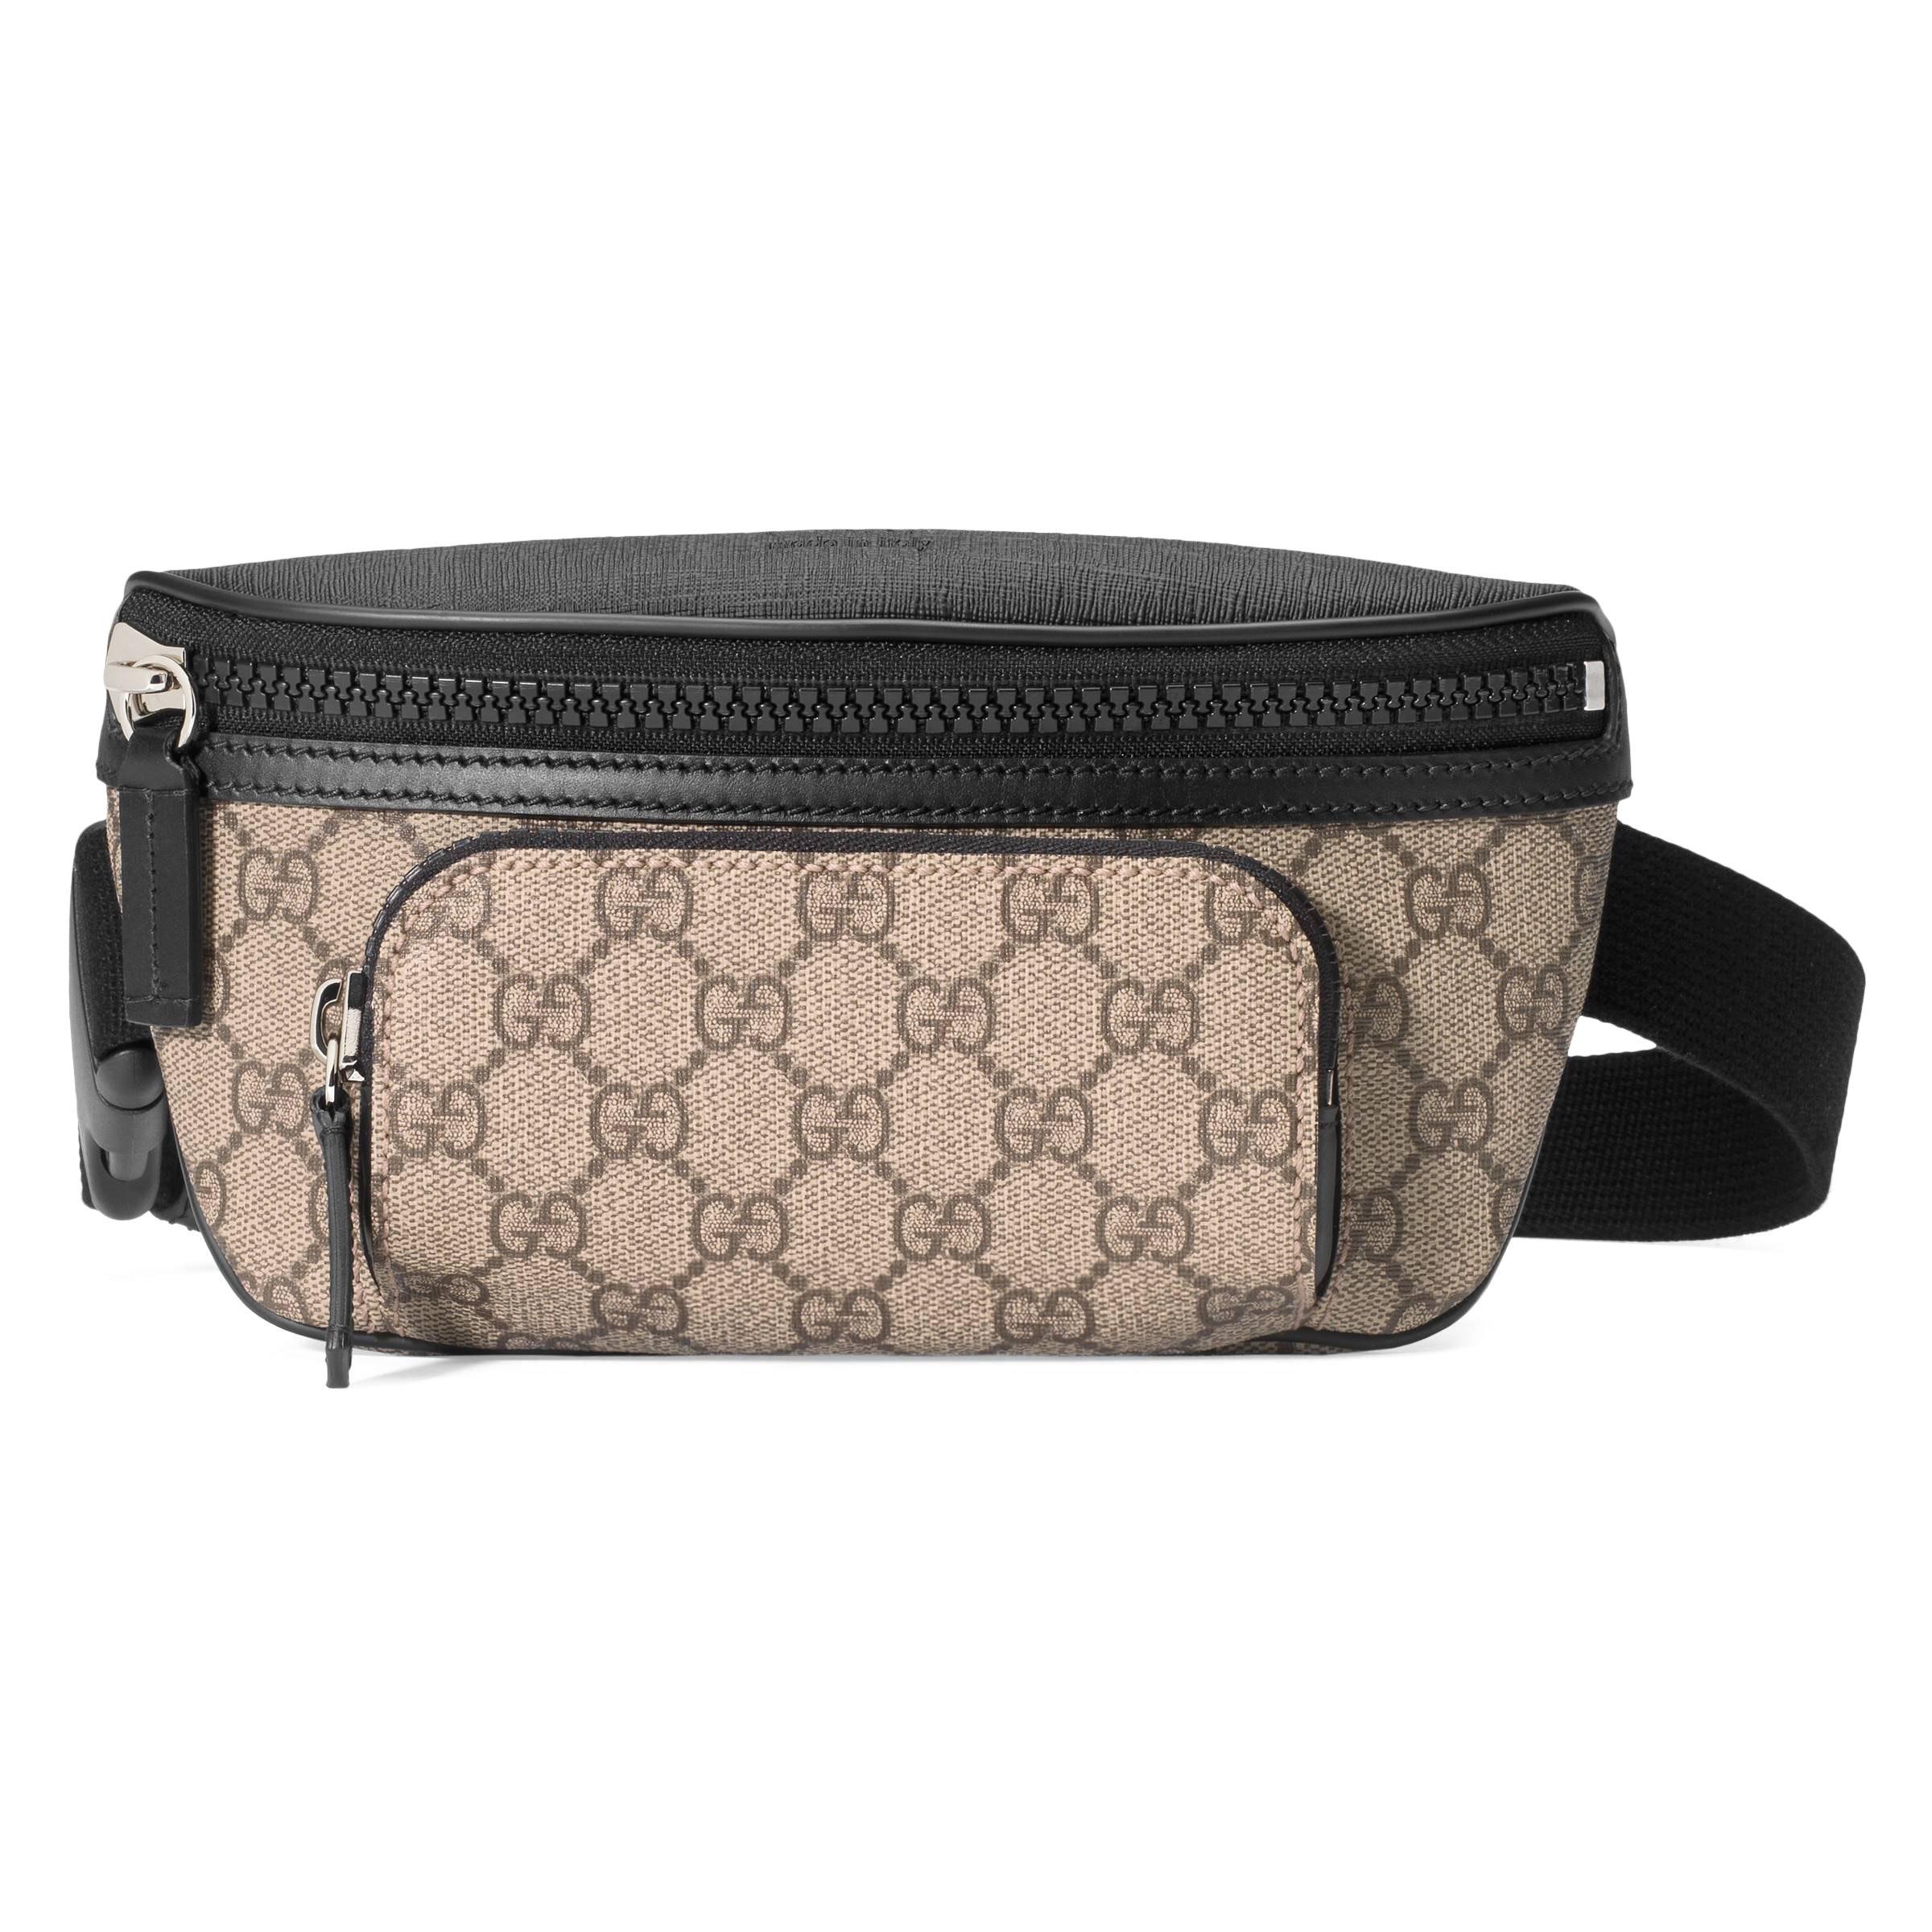 Gucci Front Pocket Belt Bag GG Supreme Small Black/Beige